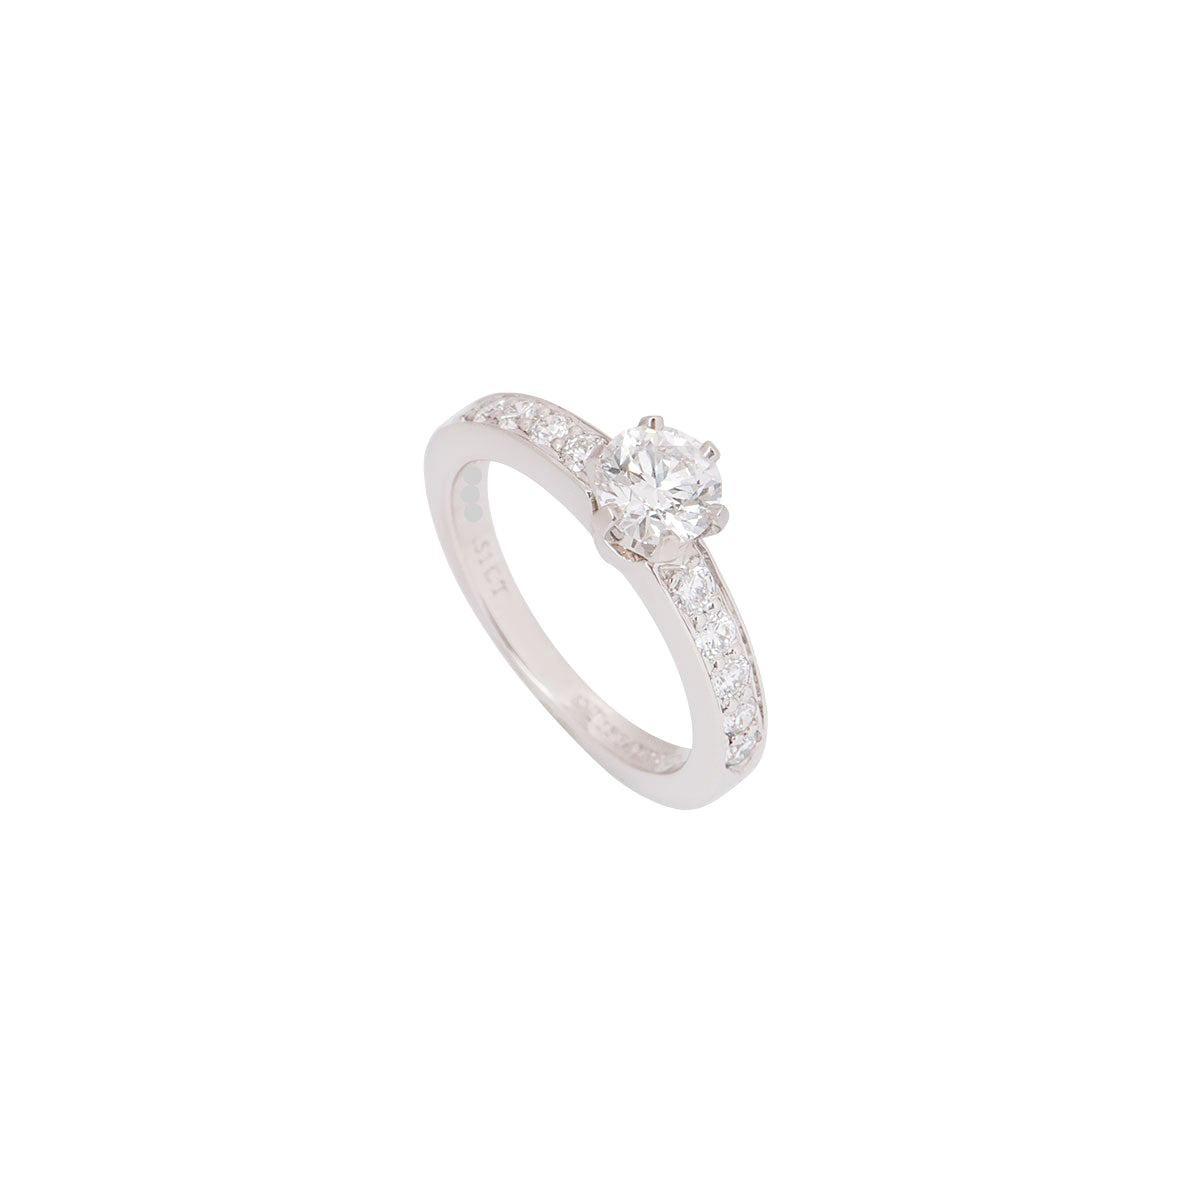 Tiffany & Co. Platinum Diamond Setting Ring 0.51 Carat